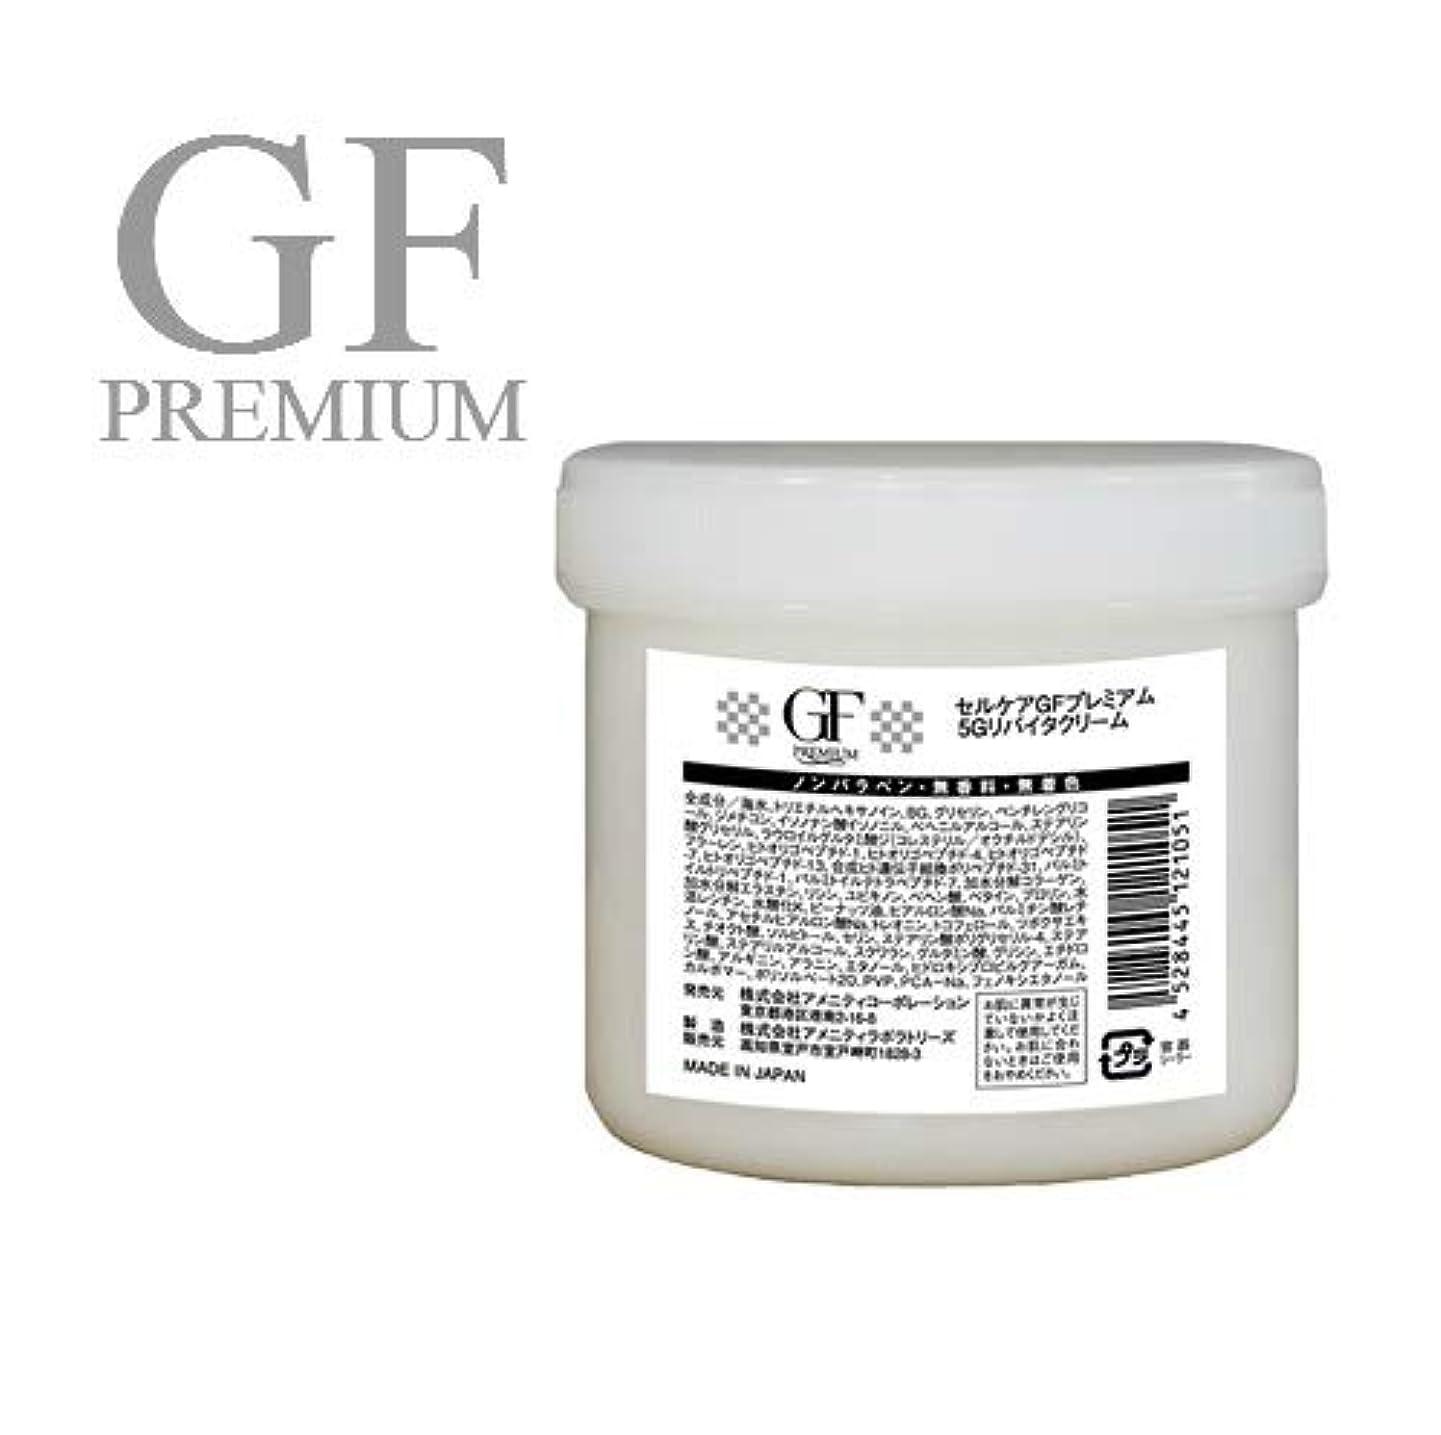 現代脱走鼻セルケア GF プレミアム 5G リバイタクリーム お徳用 250g